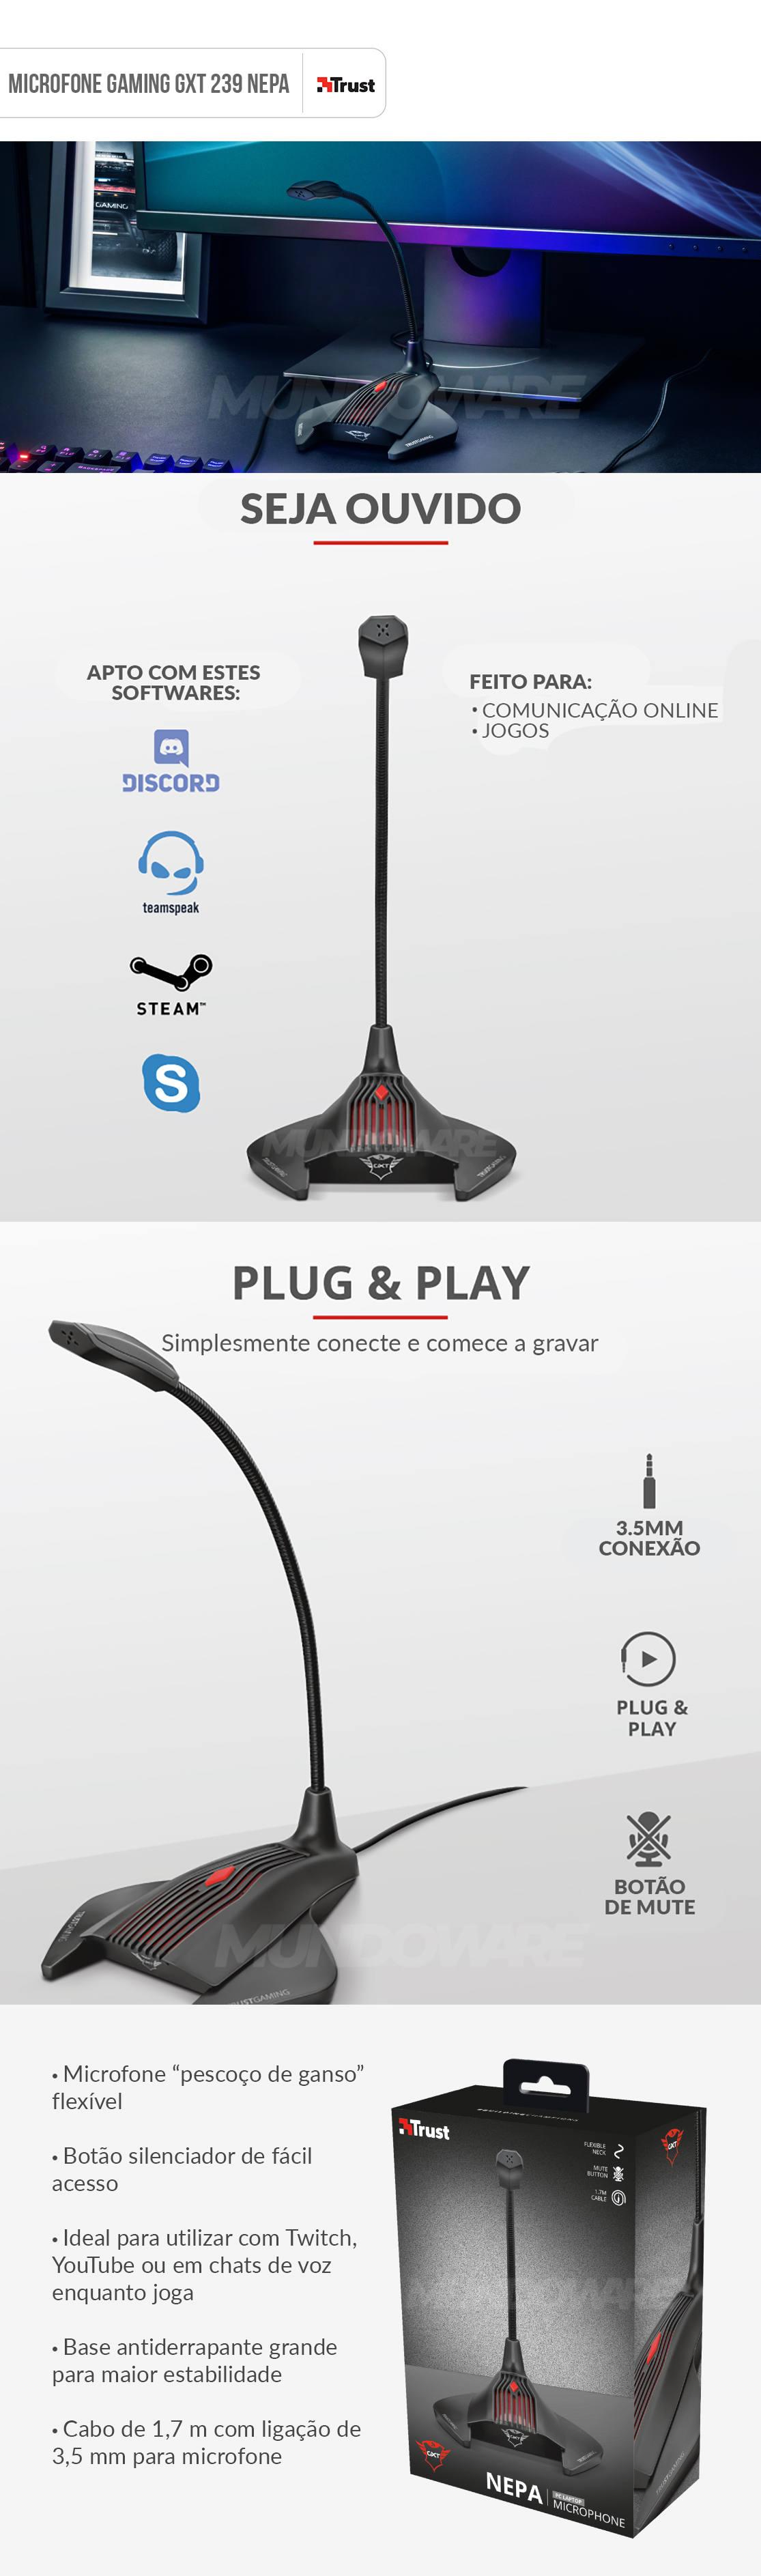 Microfone Pescoço de Ganso Flexível Conector 3.5mm Cabo 1.7m Botão Mute de Fácil Acesso Trust GXT 239 NEPA